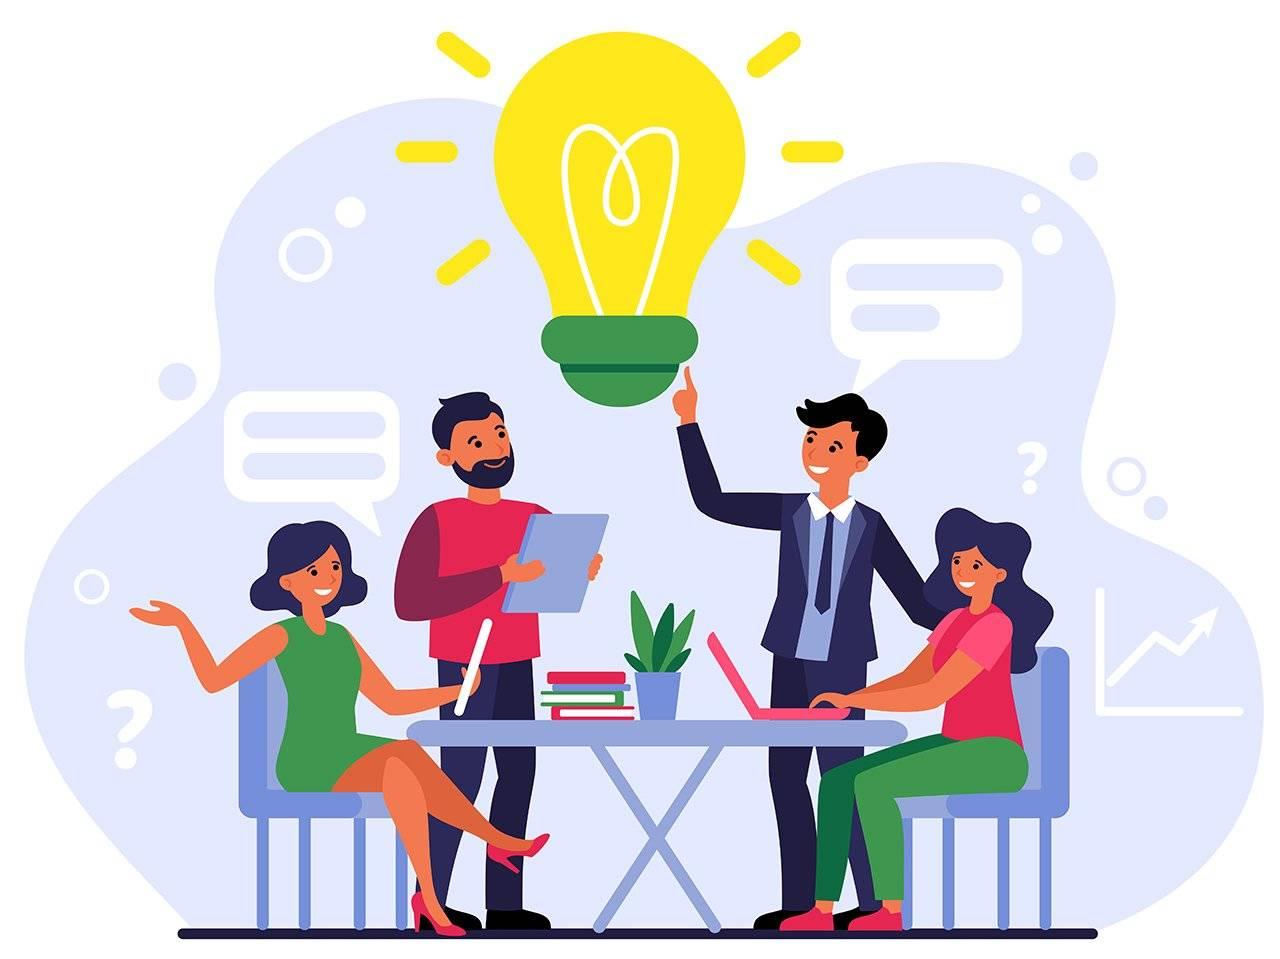 Vuoi fondare una startup? Iscriviti al programma InnoVentureLab, impara e fatti notare!